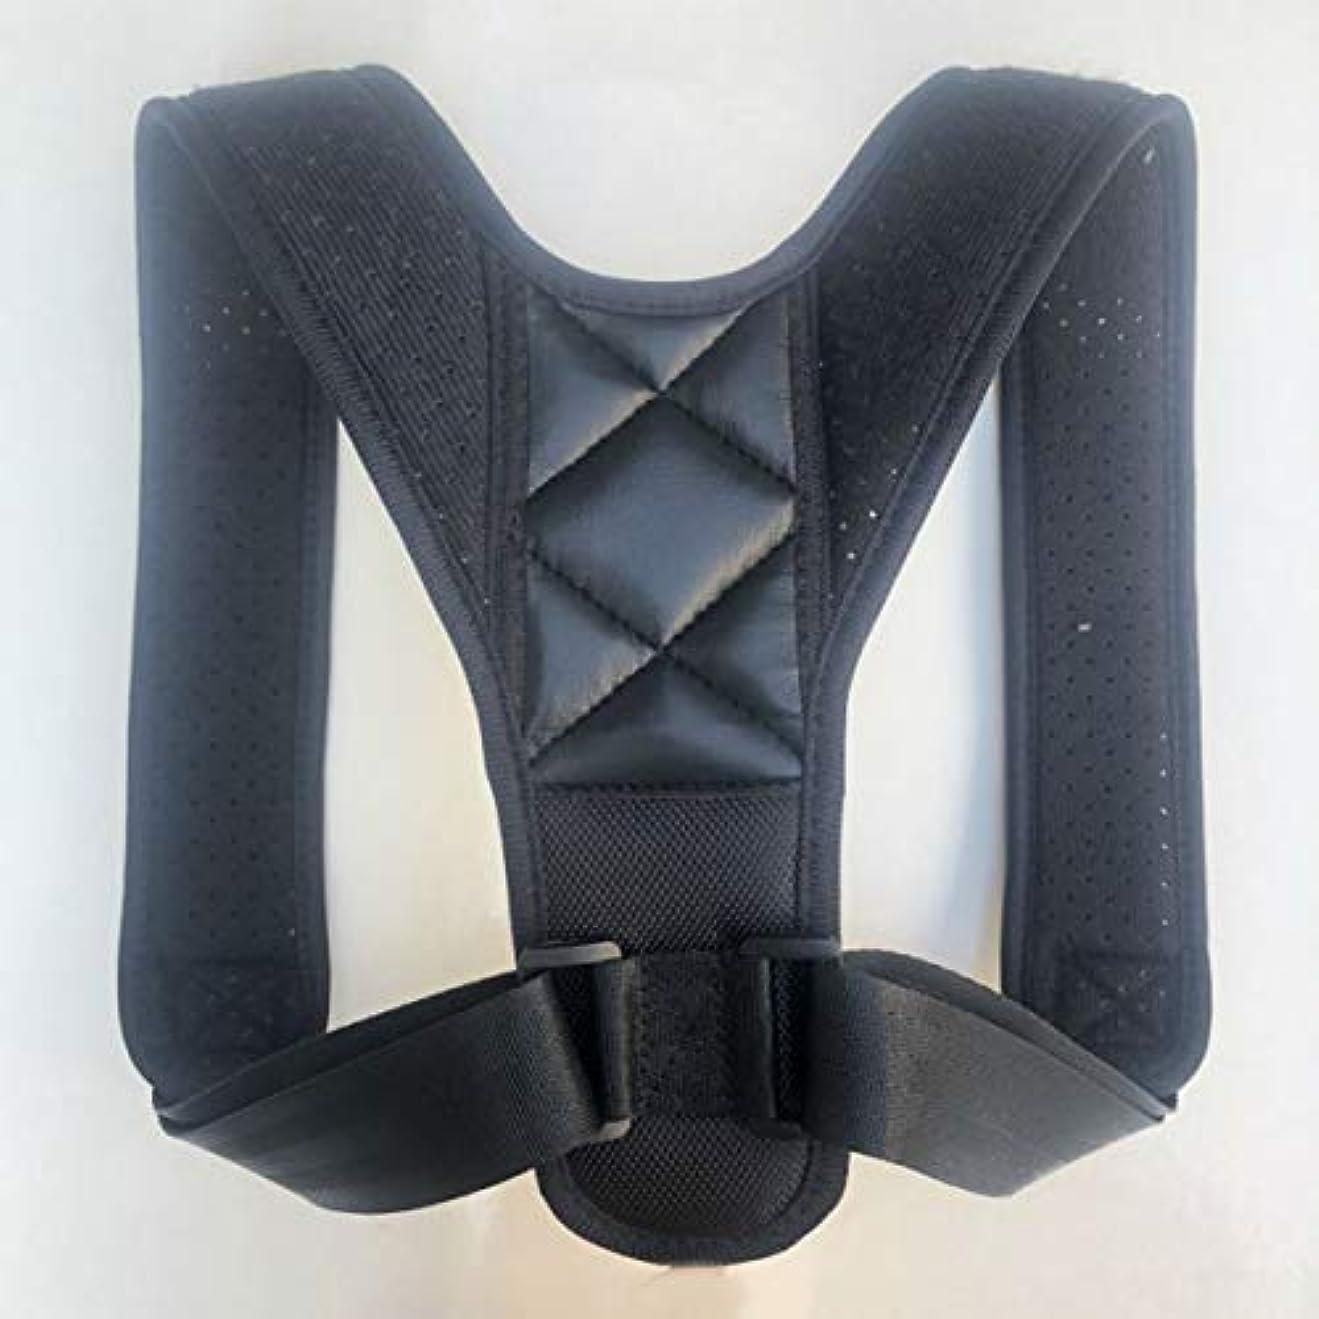 反動統合立派なアッパーバックポスチャーコレクター姿勢鎖骨サポートコレクターバックストレートショルダーブレースストラップコレクター - ブラック